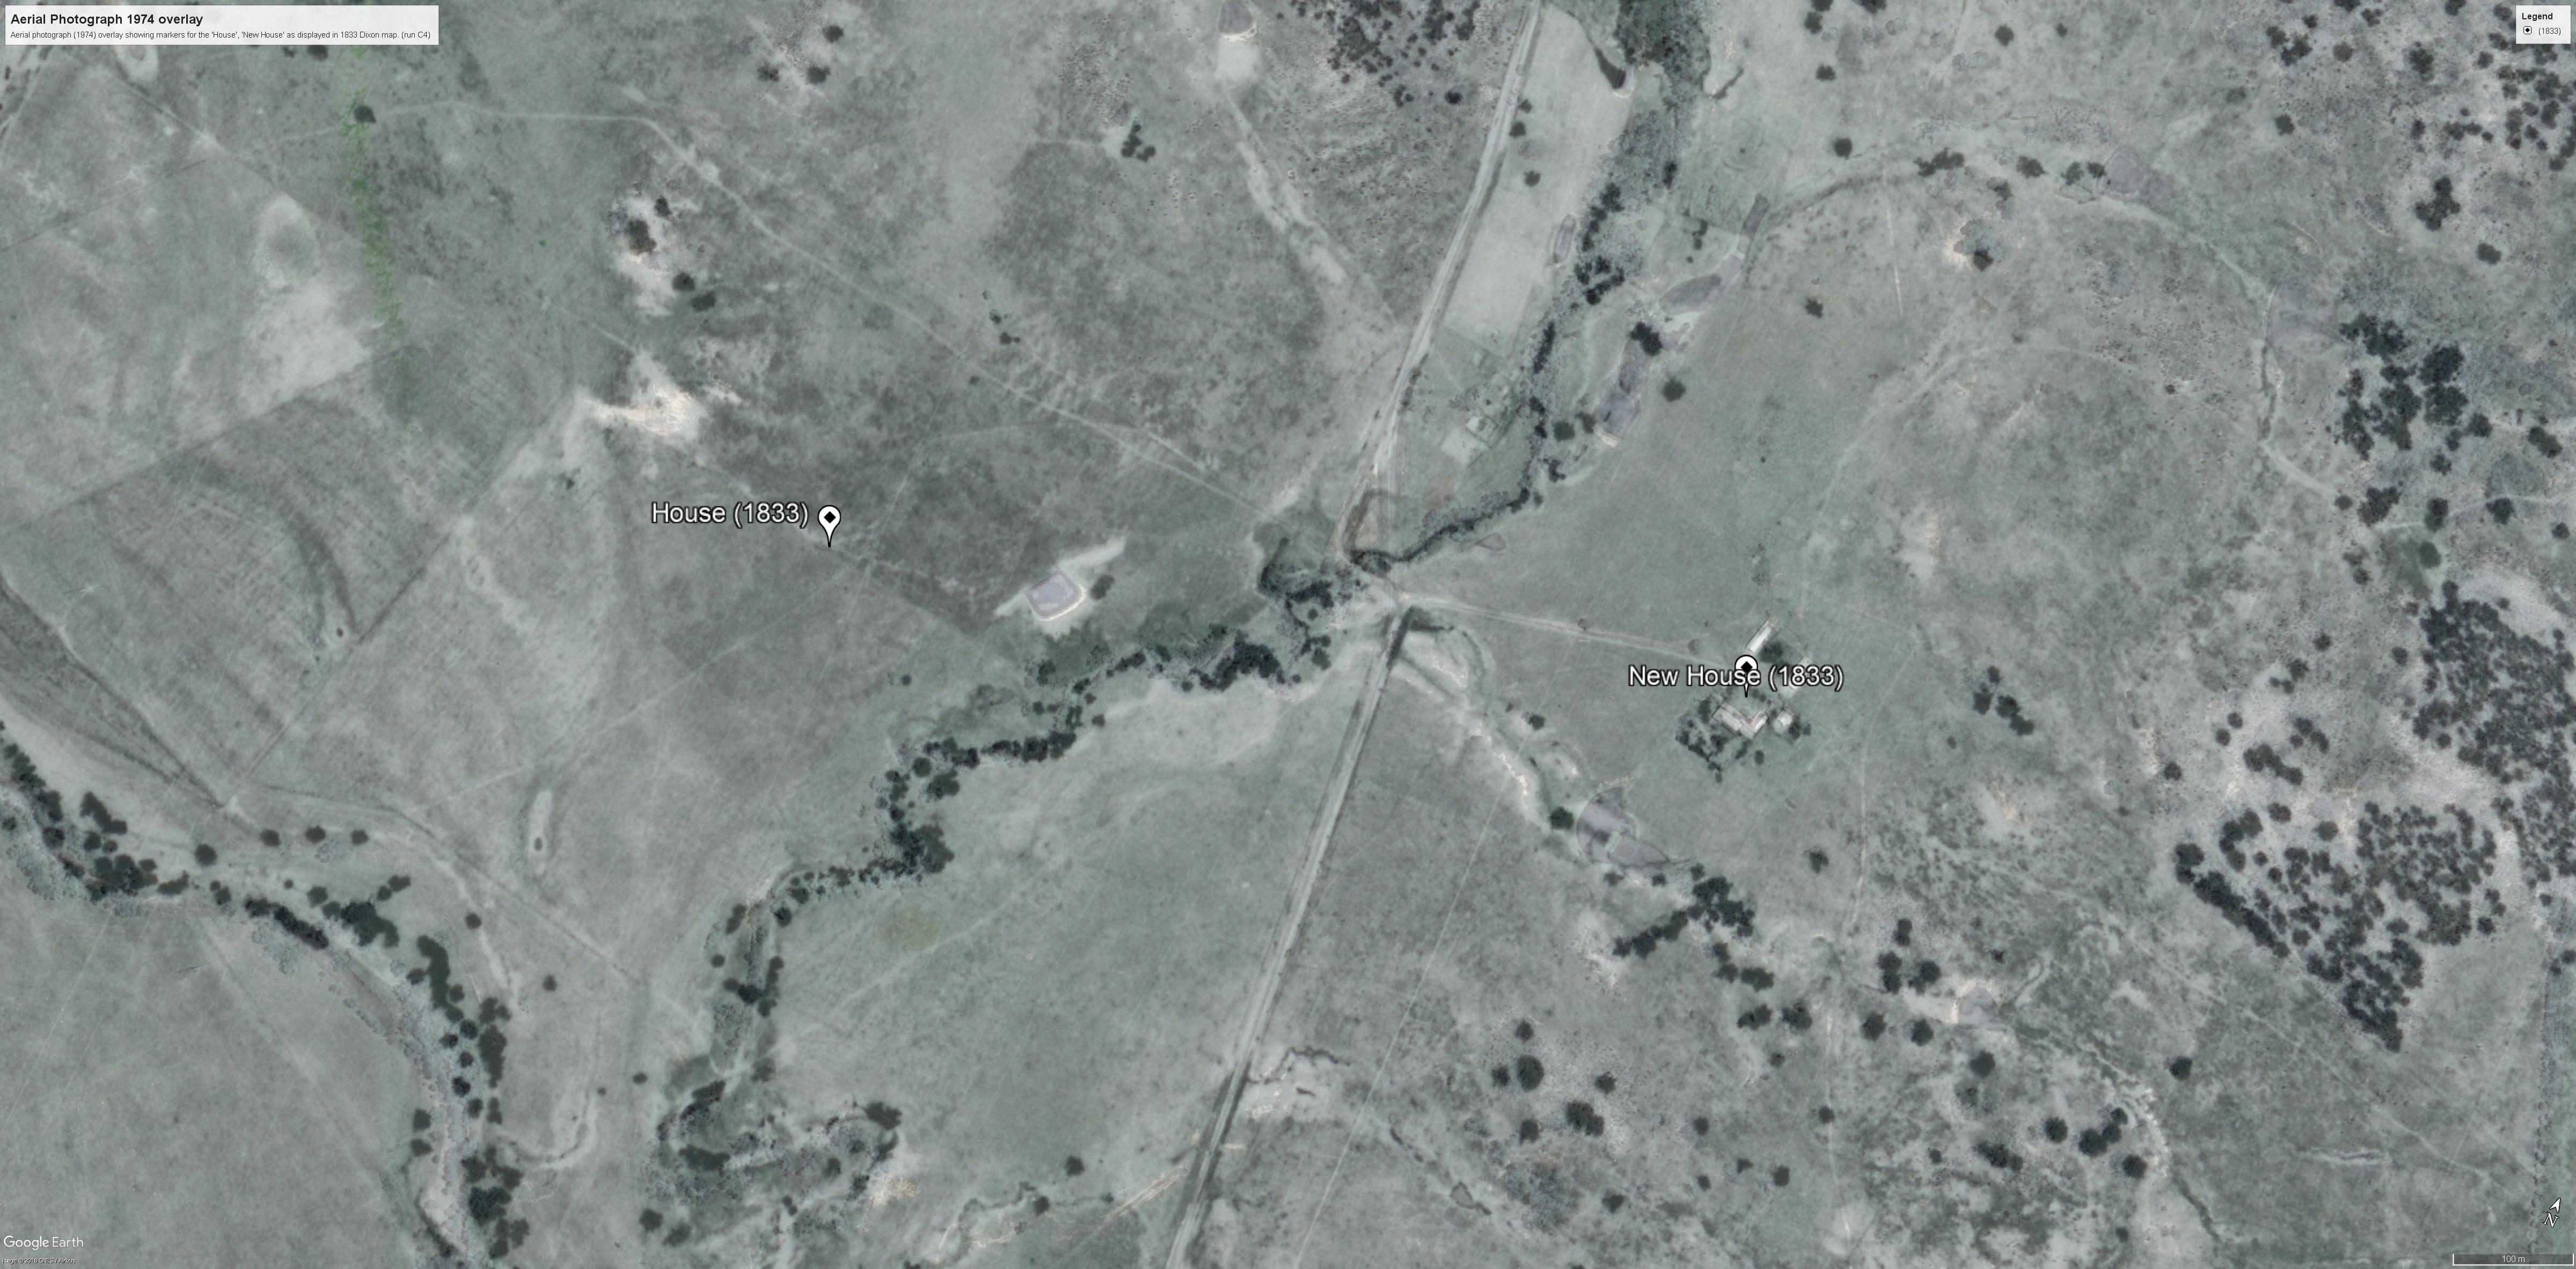 Aerial photo 1974 overlay (run C4)